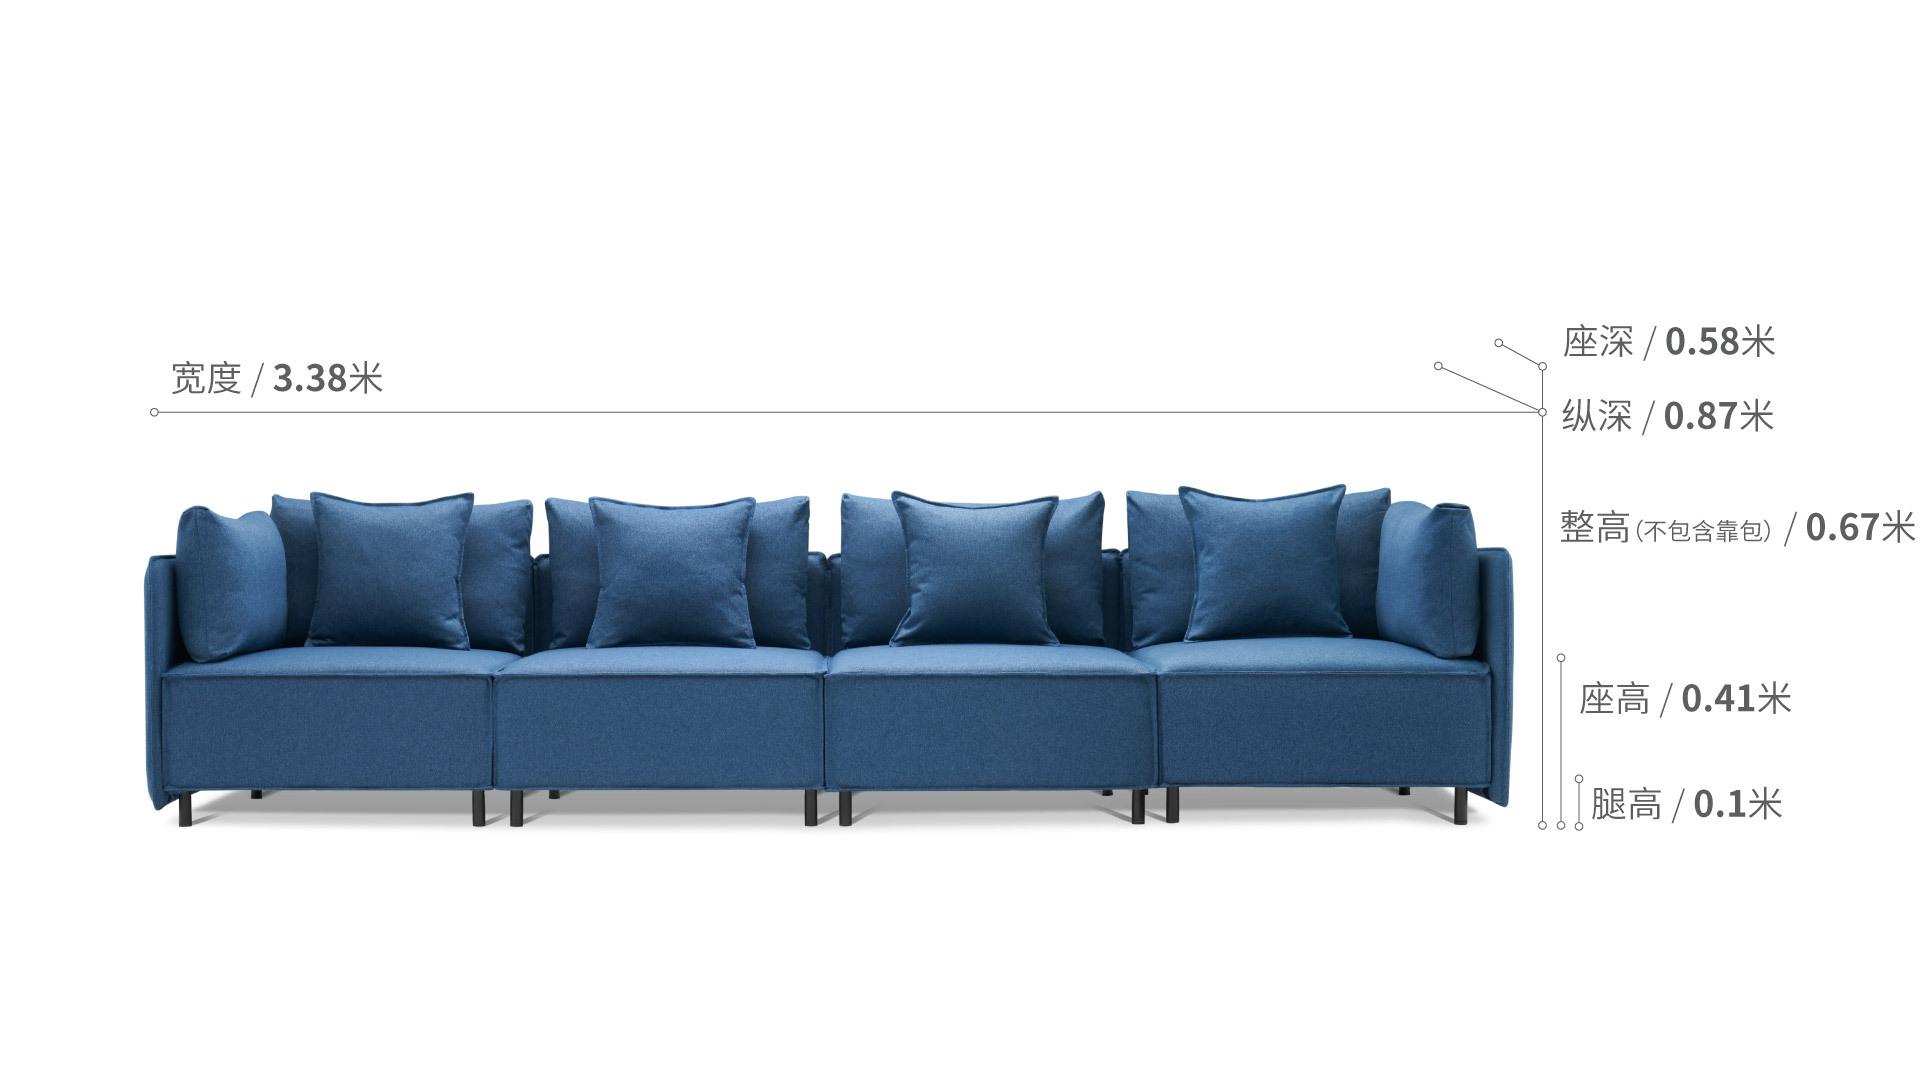 造作大先生沙发™四人座沙发效果图